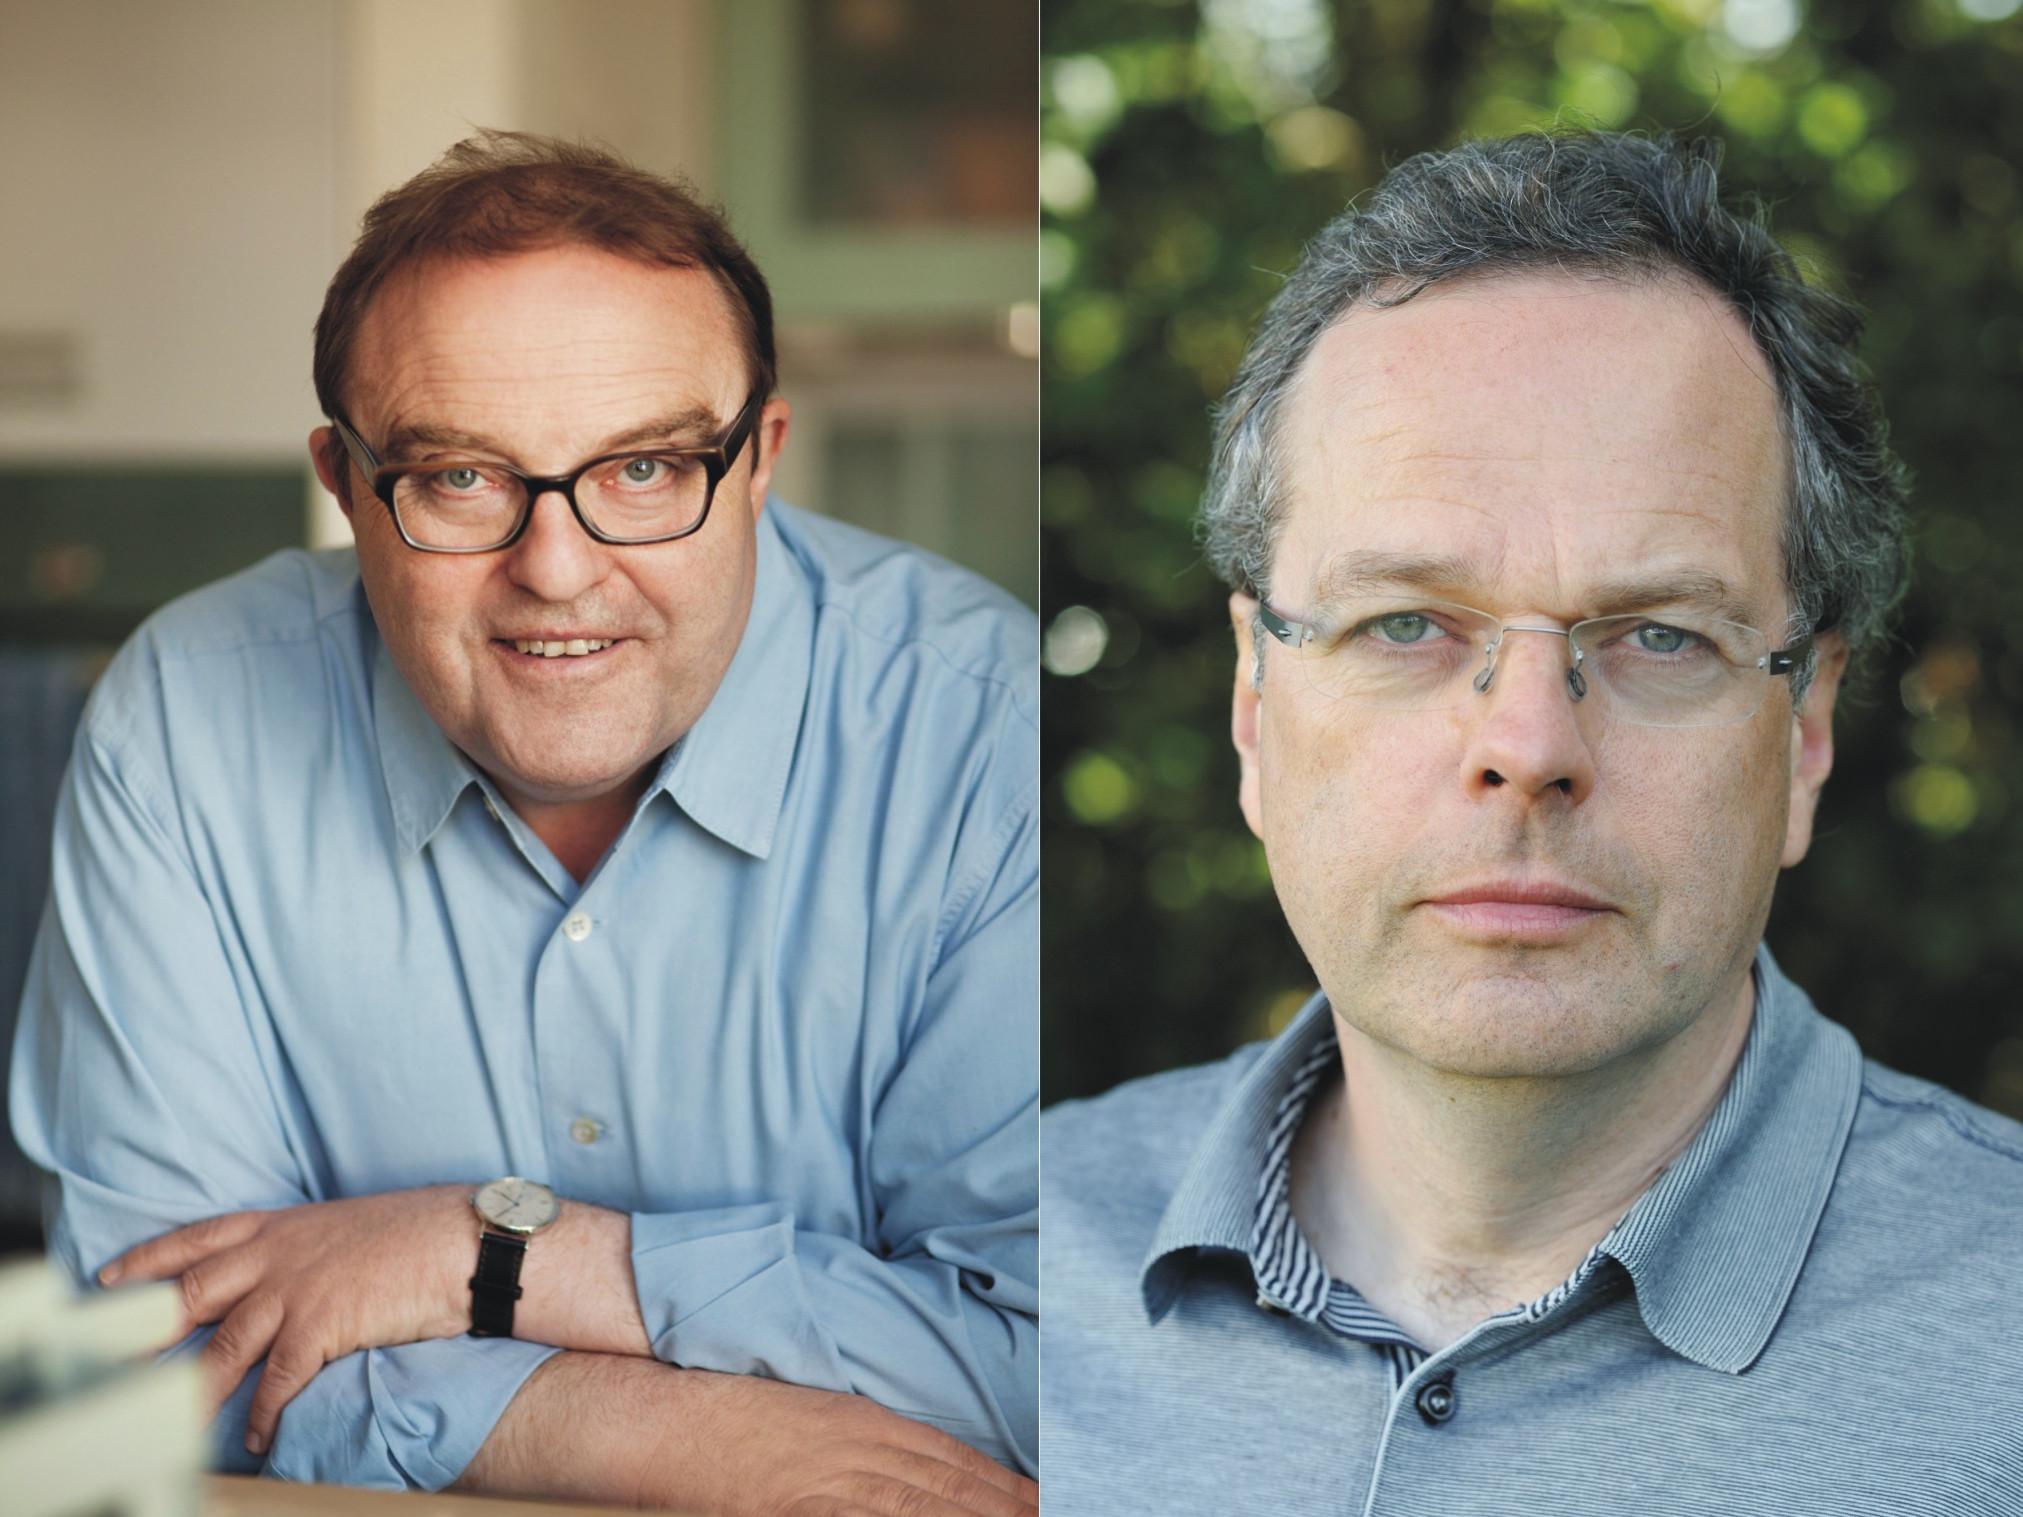 GUSTAV PETER WöHLER & CHRISTIAN MAINTZ – LESUNG: VOM KNöDEL WOLLEN WIR SINGEN